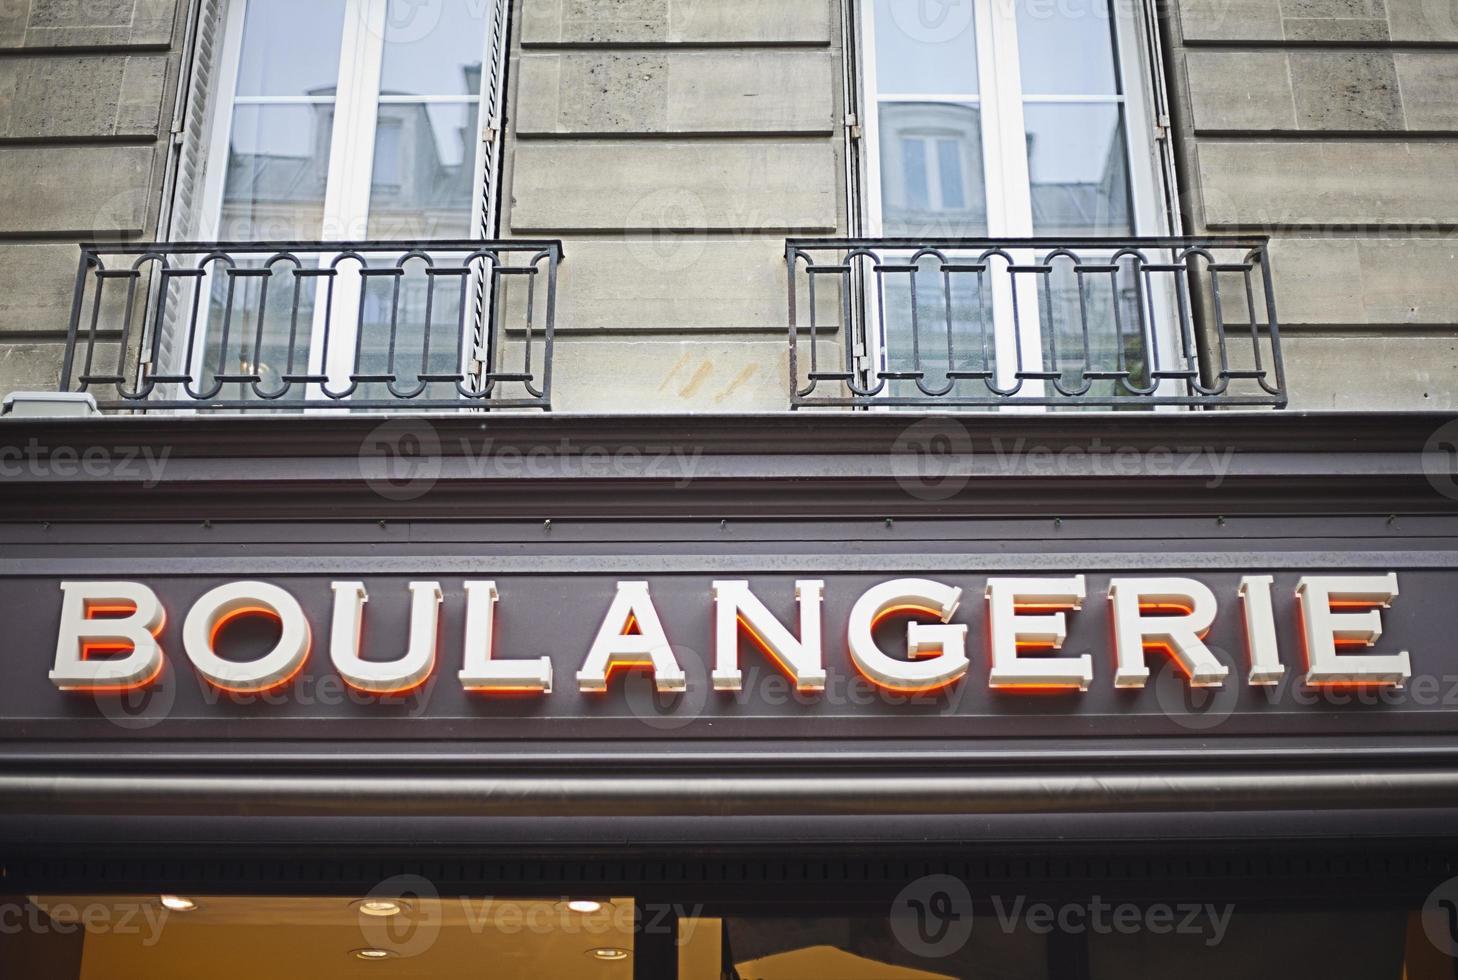 Boulangerie signe sur la rue française photo